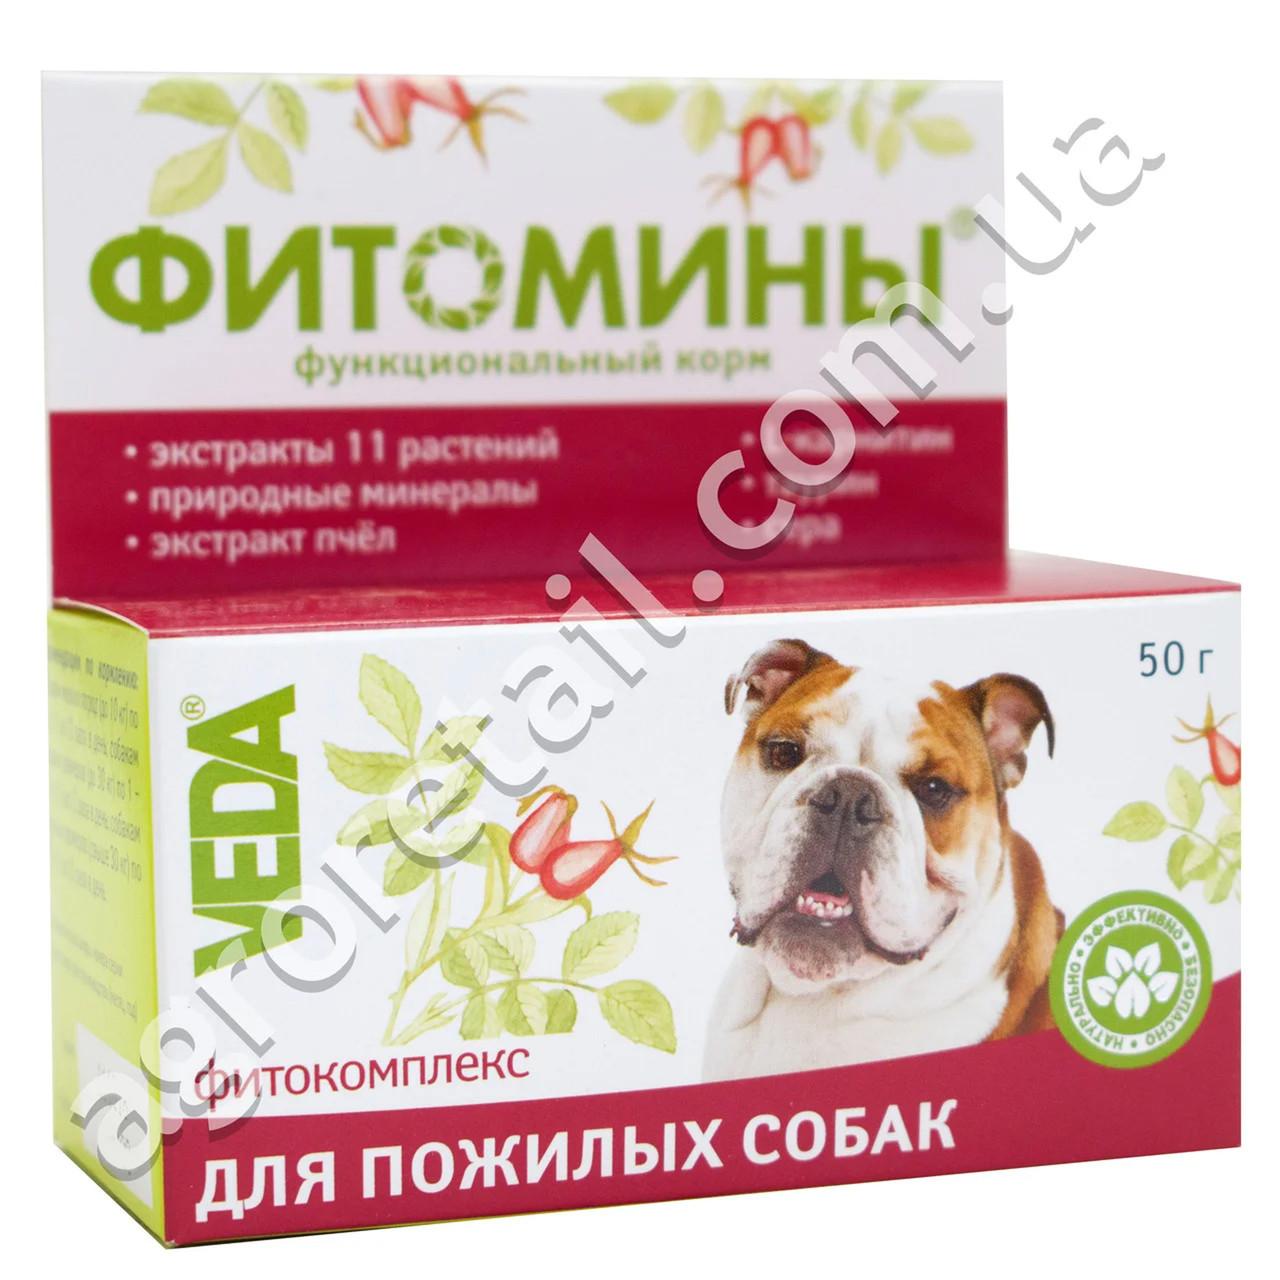 Фитомины для пожилых собак 50 г